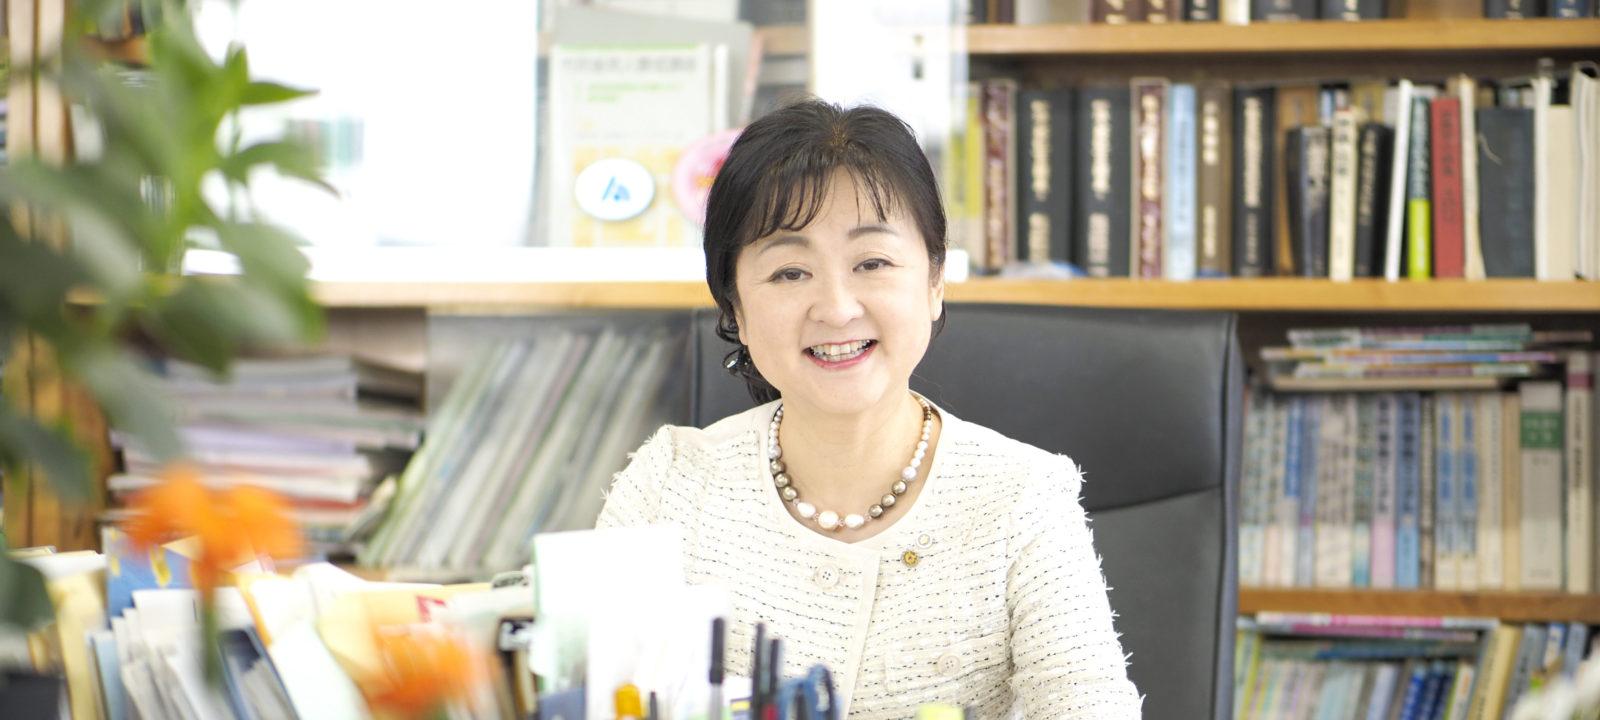 埼玉県久喜市の司法書士ちく事務所